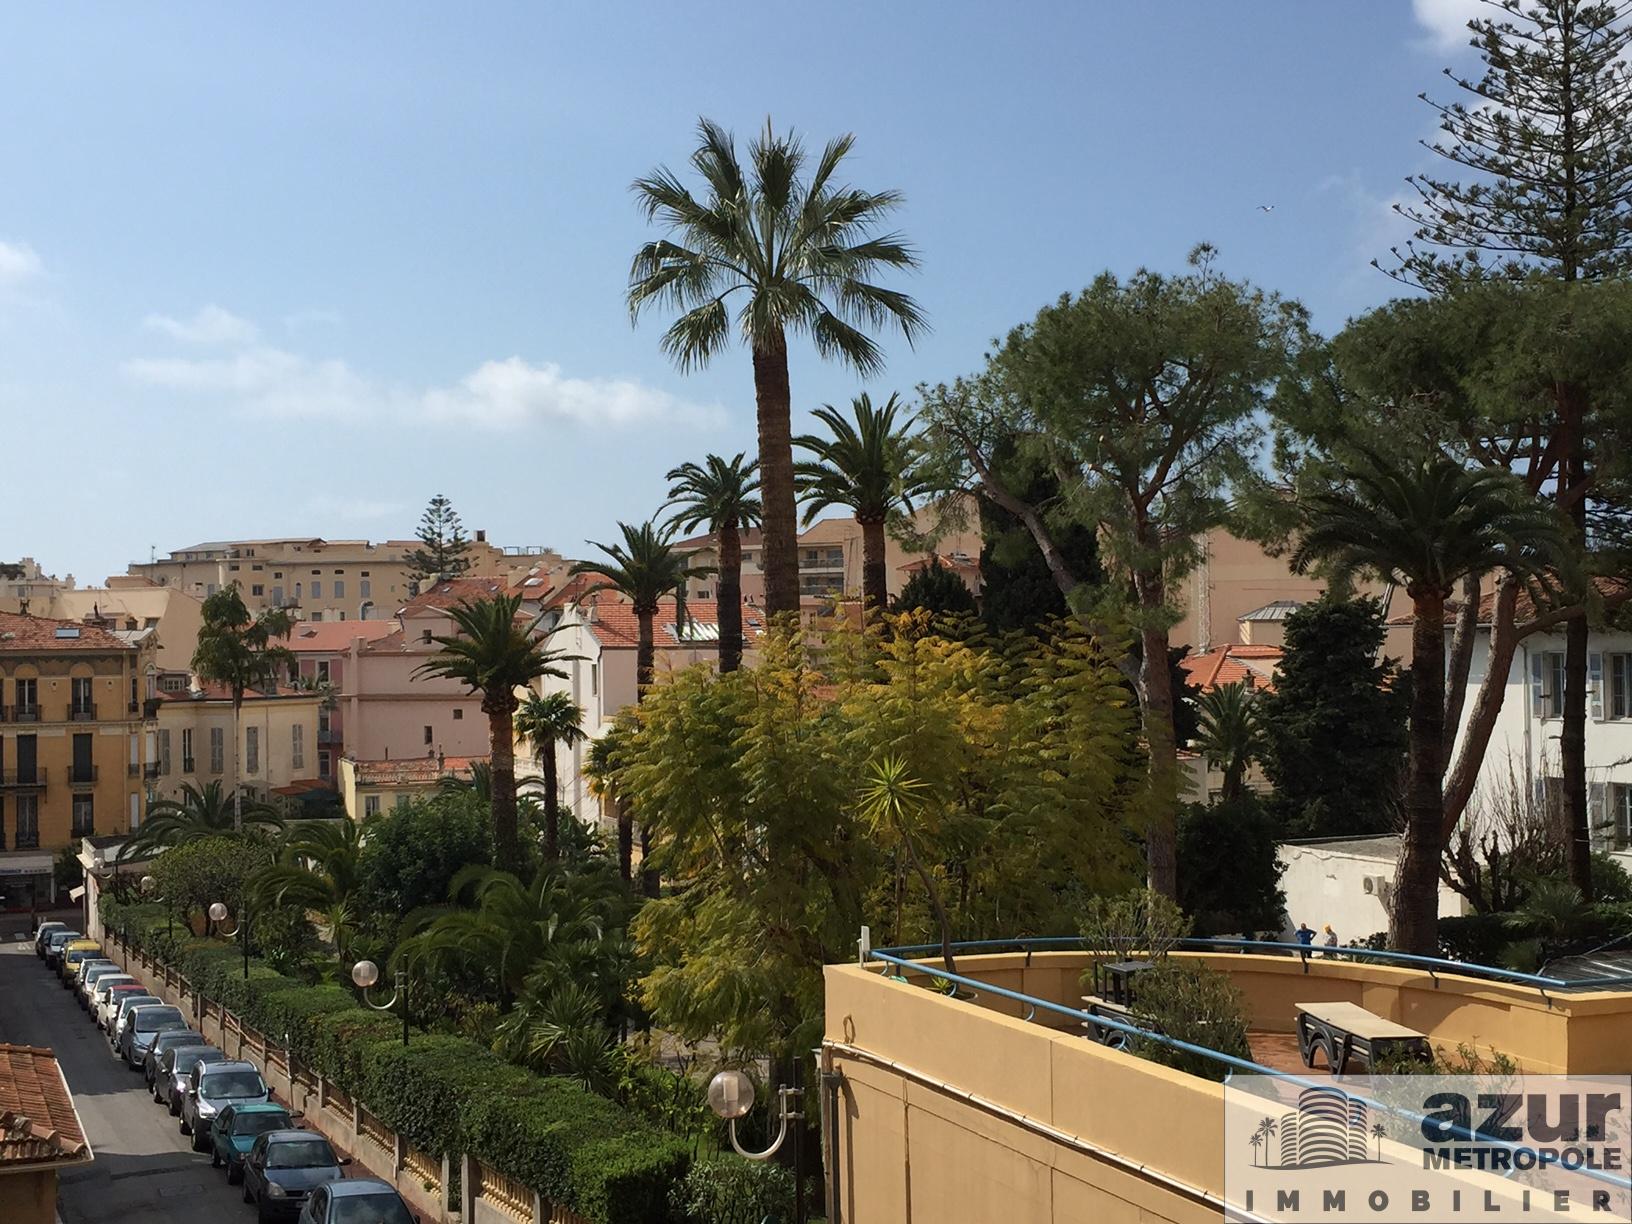 Azur metropole immobilier nice et environs for Appartement a louer a yverdon et environs